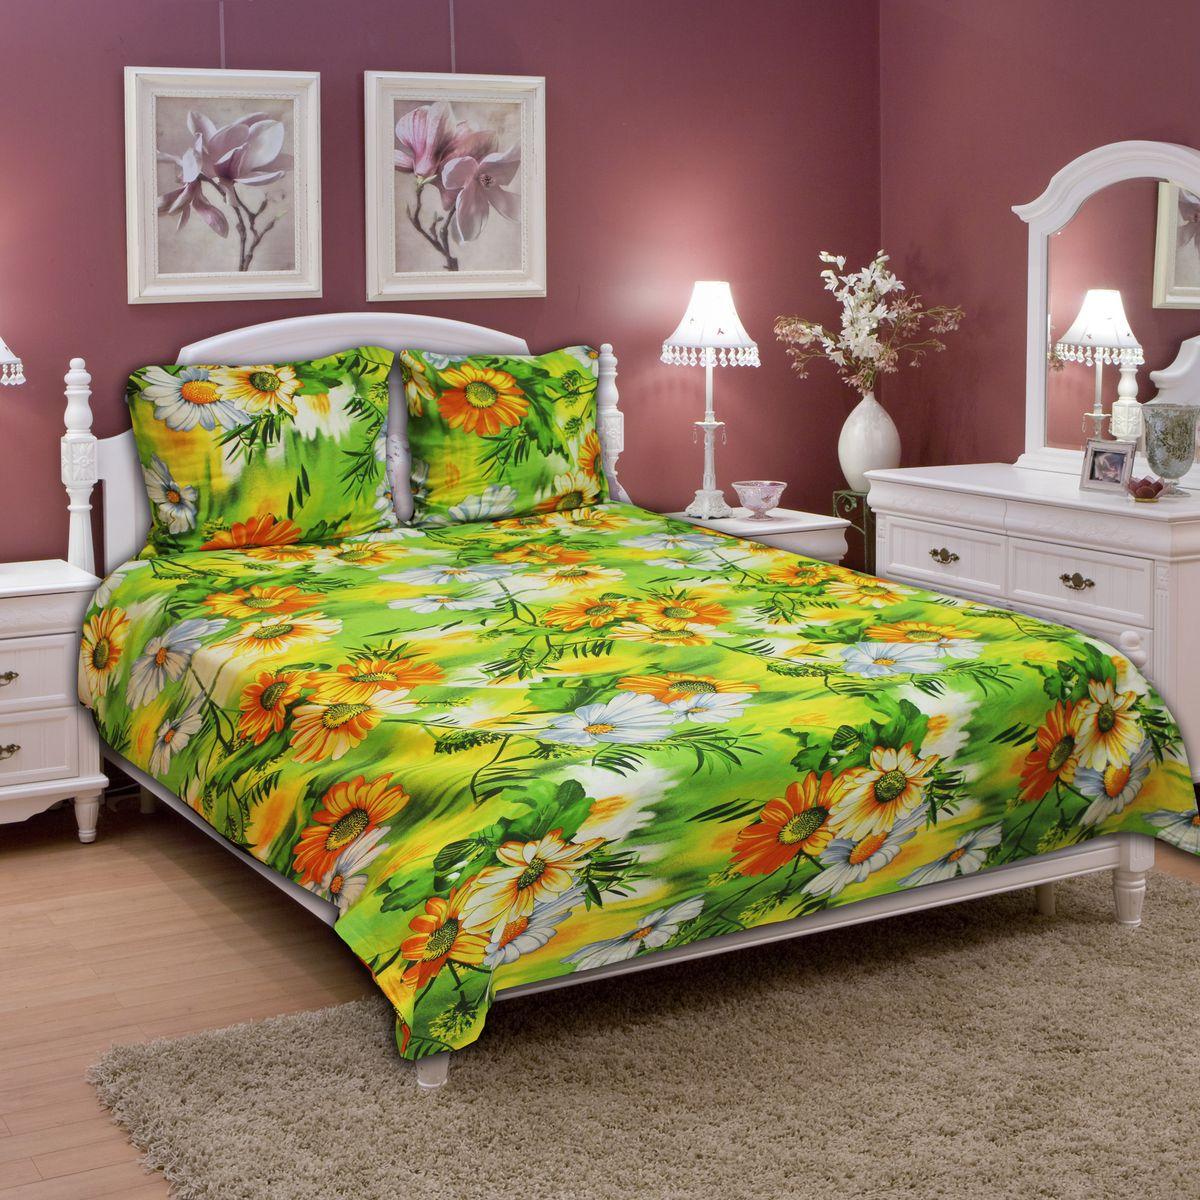 Комплект белья Amore Mio Meadow, 2-спальный, наволочки 70х7077716Комплект постельного белья Amore Mio является экологически безопасным для всей семьи, так как выполнен из бязи (100% хлопок). Комплект состоит из двух пододеяльников, простыни и двух наволочек. Постельное белье оформлено оригинальным рисунком и имеет изысканный внешний вид.Легкая, плотная, мягкая ткань отлично стирается, гладится, быстро сохнет. Рекомендации по уходу: Химчистка и отбеливание запрещены.Рекомендуется стирка в прохладной воде при температуре не выше 30°С.